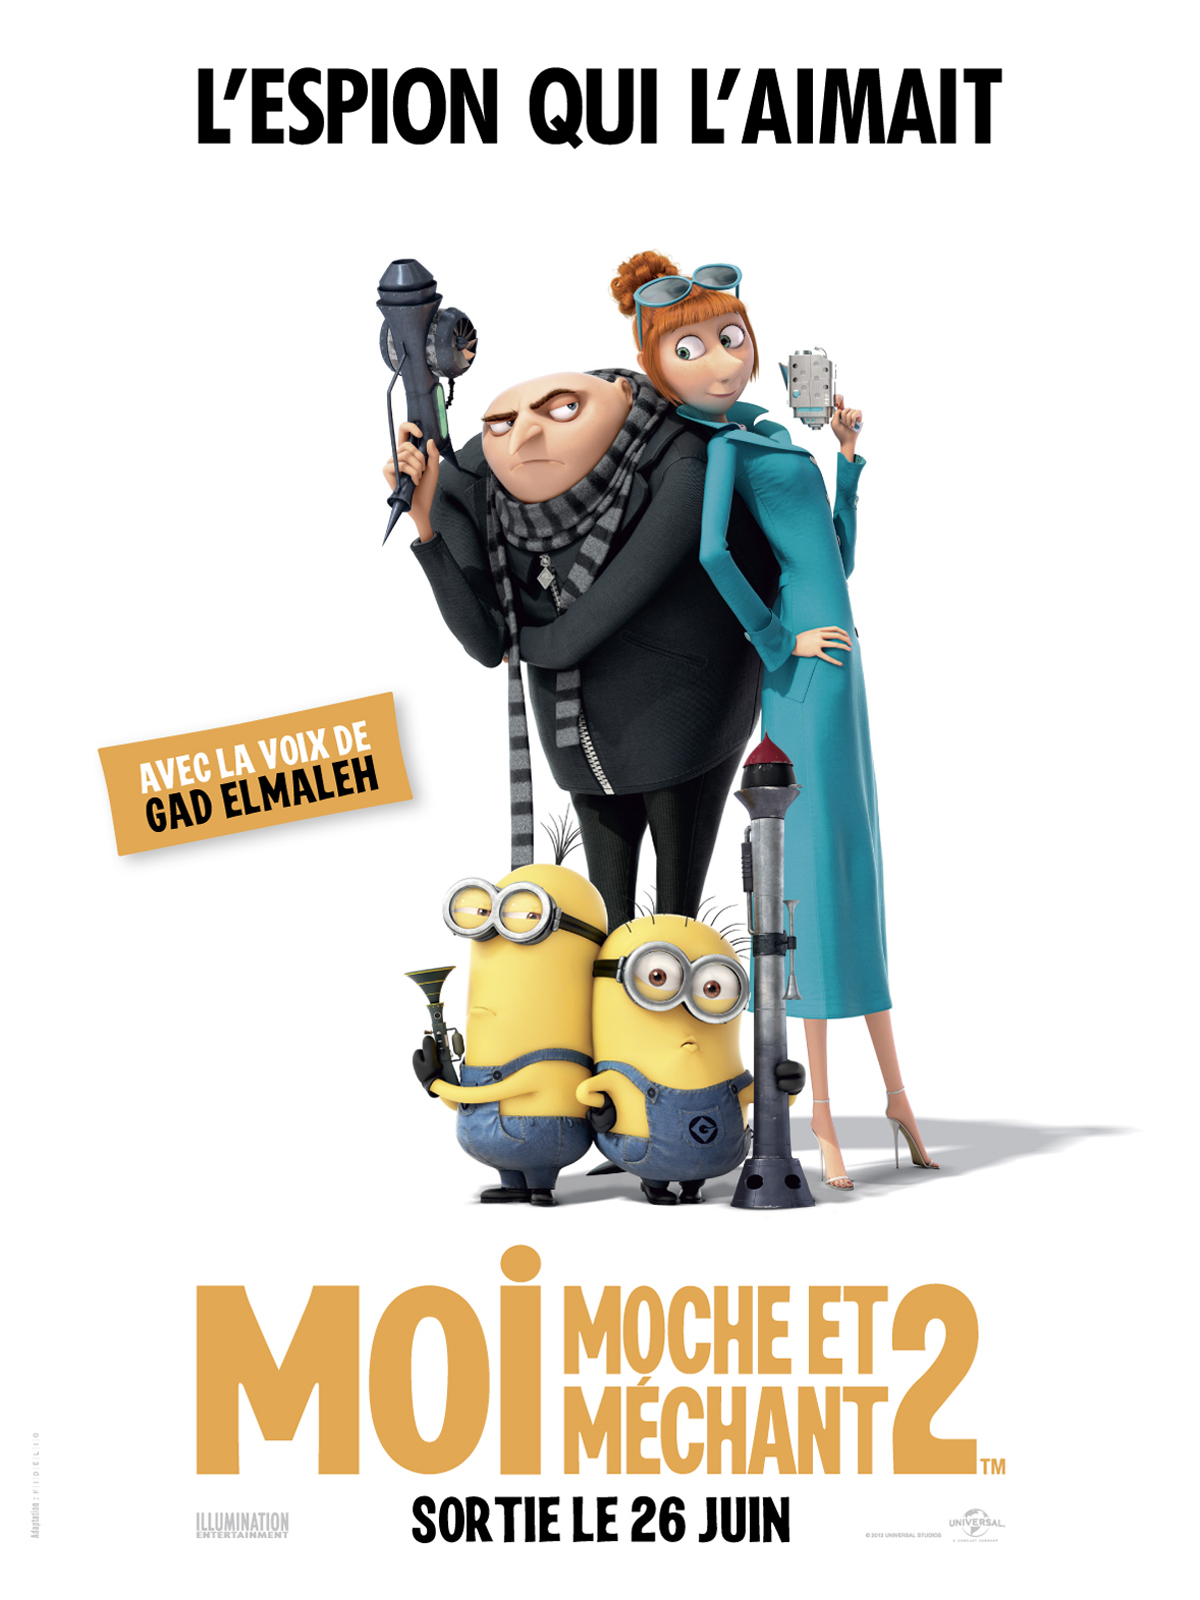 Moi, moche et méchant 2 - EXTRAS (Bonus du film)